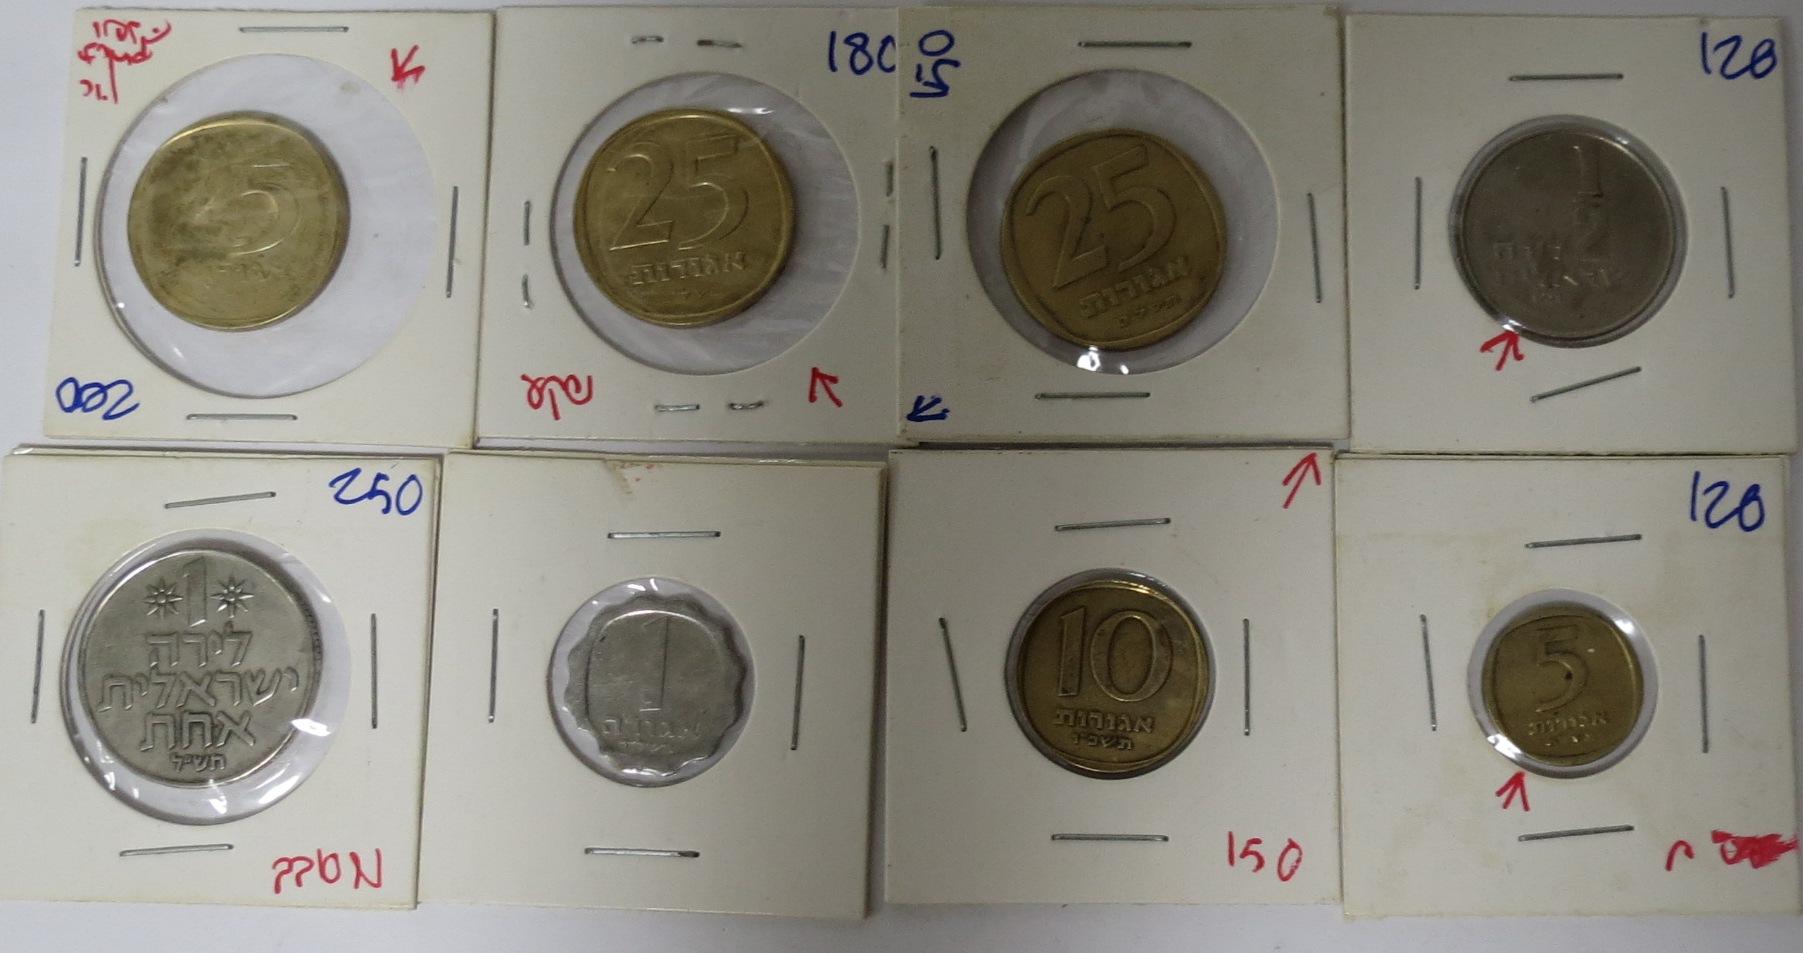 """לוט מטבעות סדרת לירה ישראלית טעויות הטבעה: הטבעה עמוקה וכו', 1 ל""""י, חצי ל""""י, 25 אג (3), 10 אג', 1 אג'"""